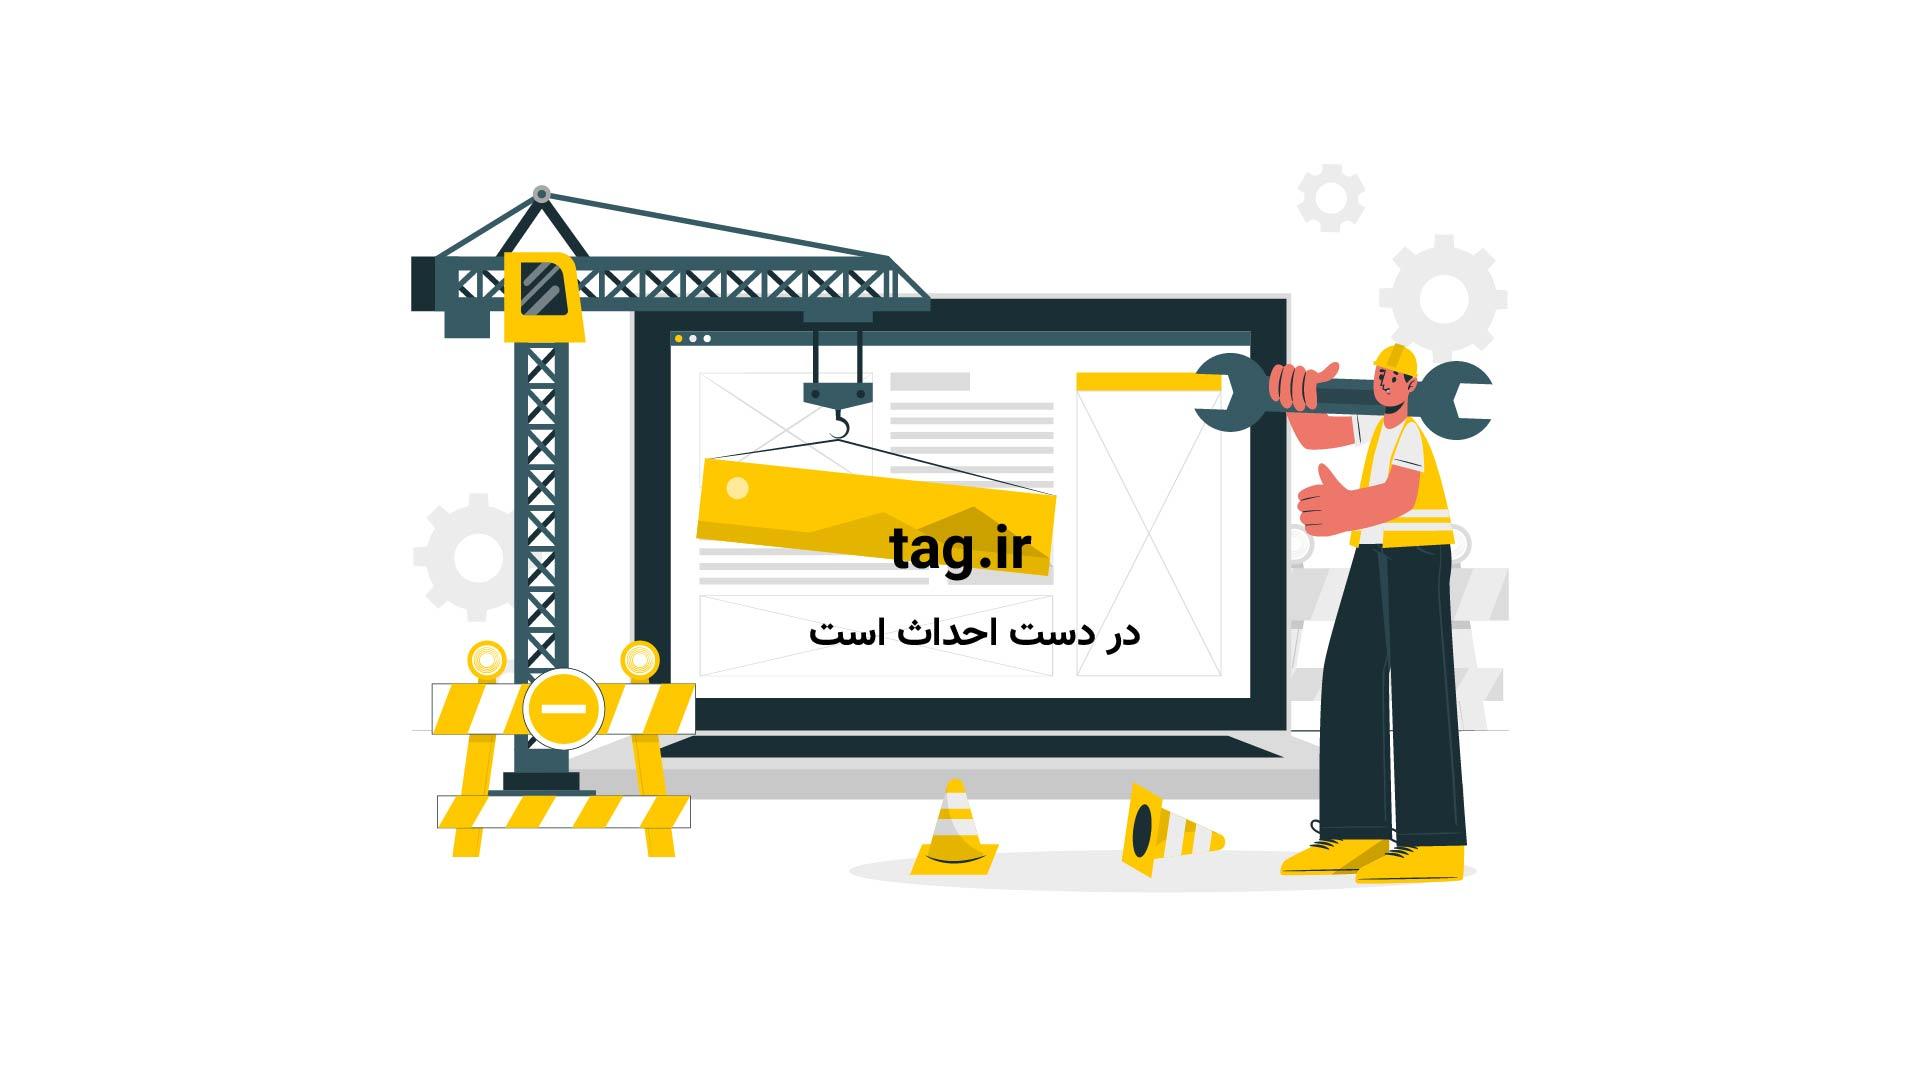 تکنولوژی | تگ